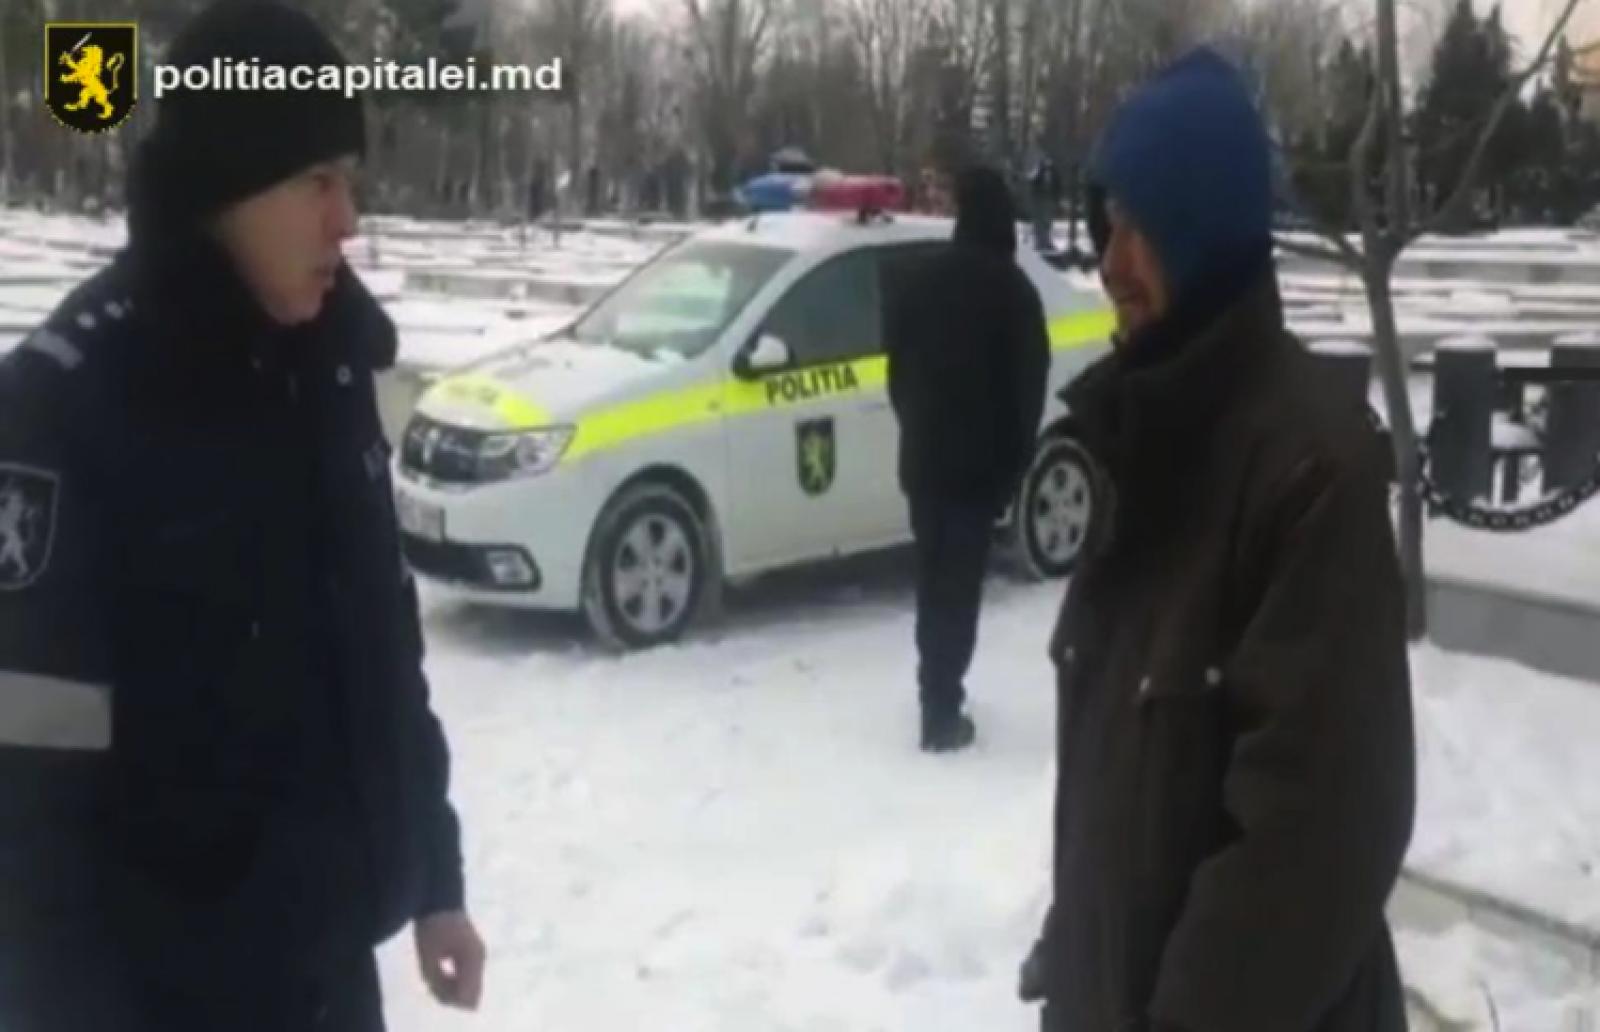 Poliția Capitalei s-a activat în regim sporit pentru a ajuta persoanele fără adăpost în condițiile extreme de afară